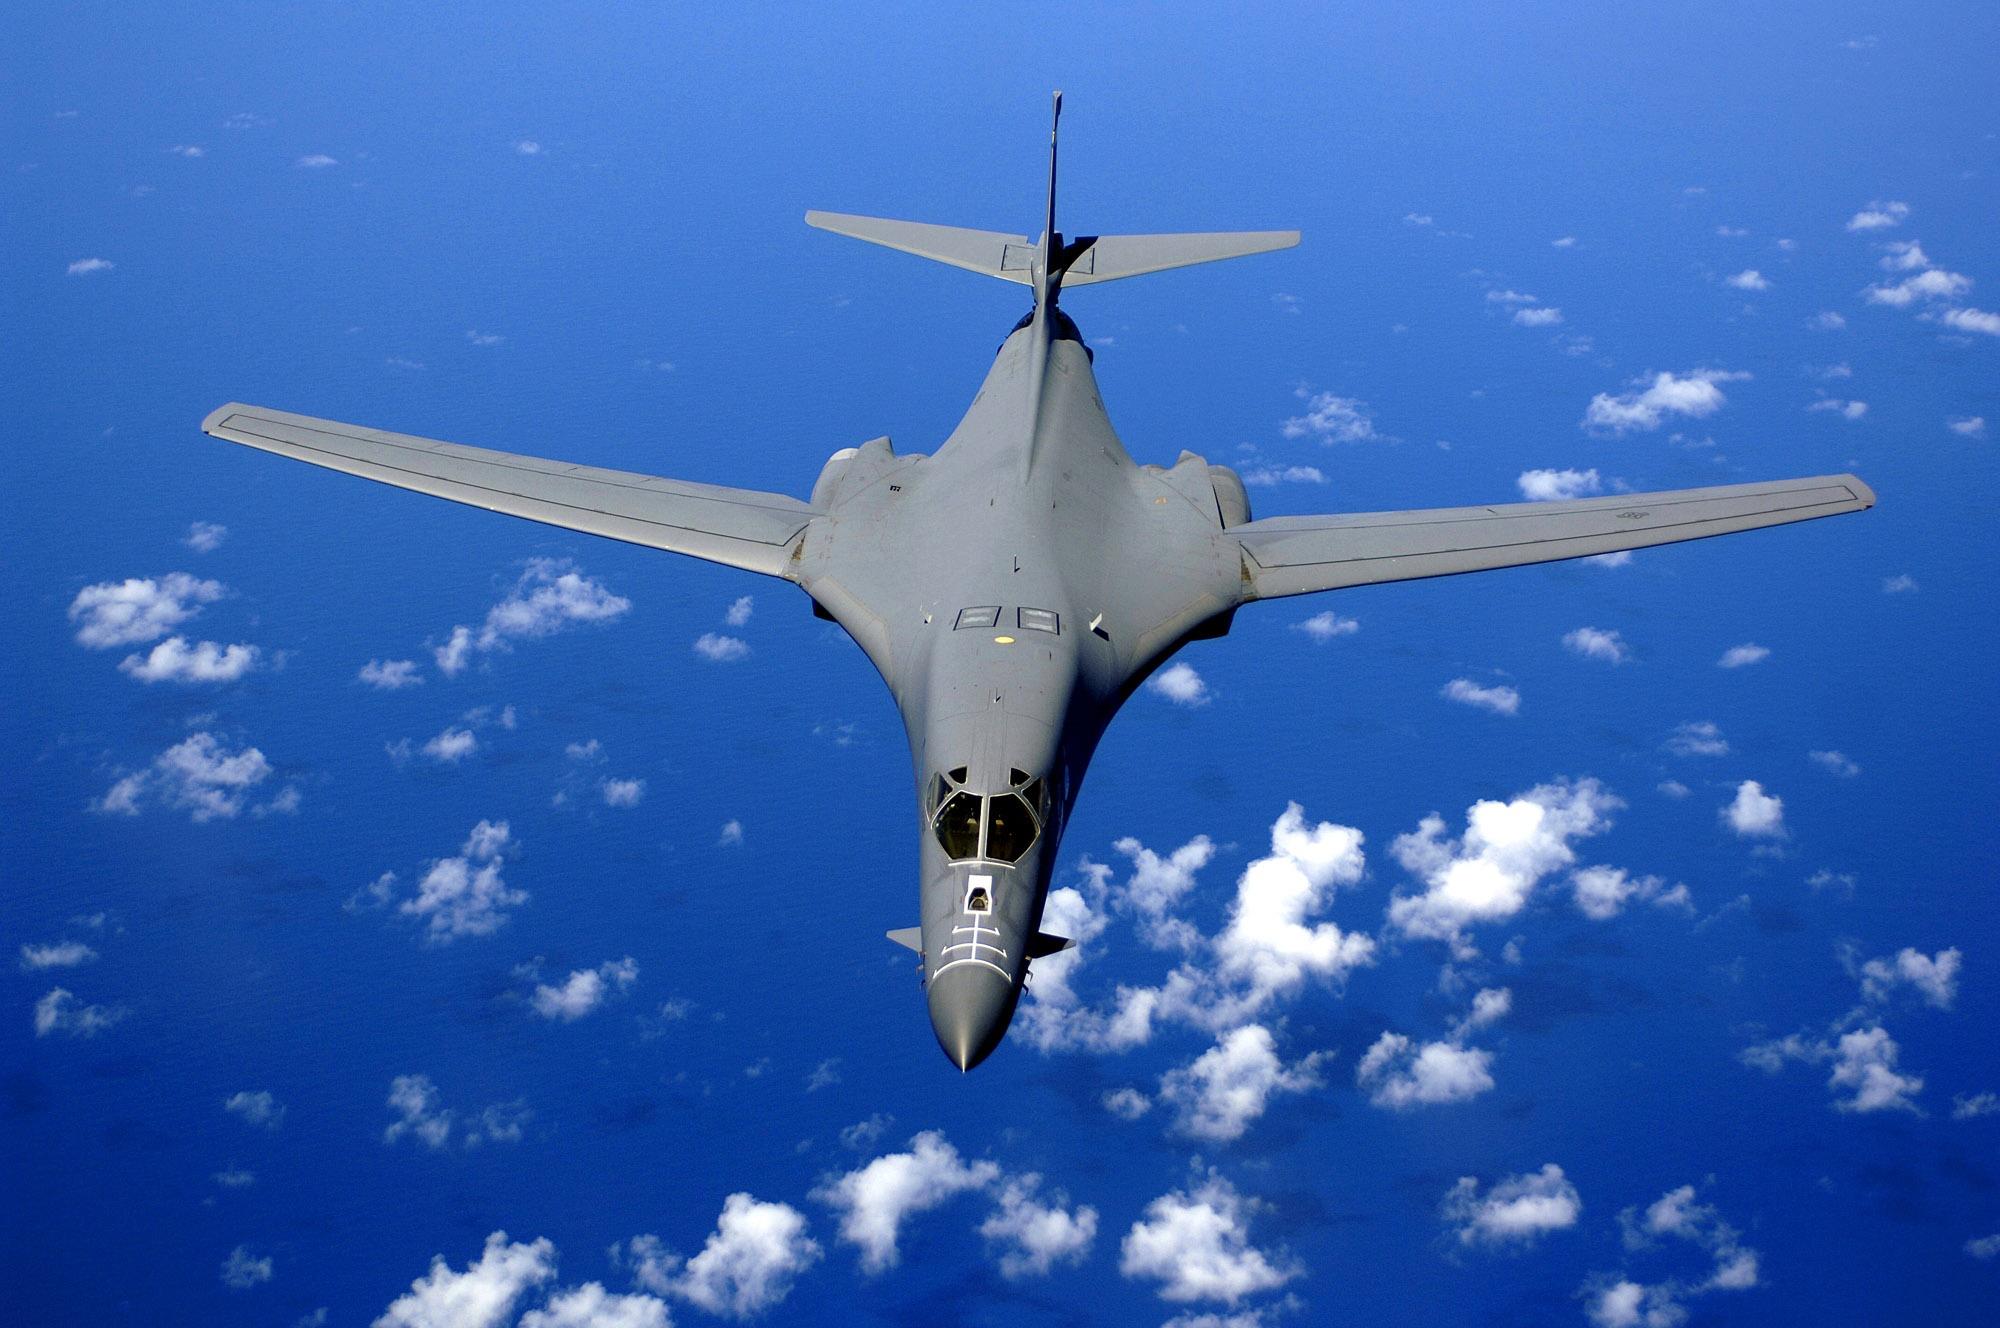 همه چیز درباره بمبافکنهای آمریکا که در شبهجزیره کره به پرواز درآمدند